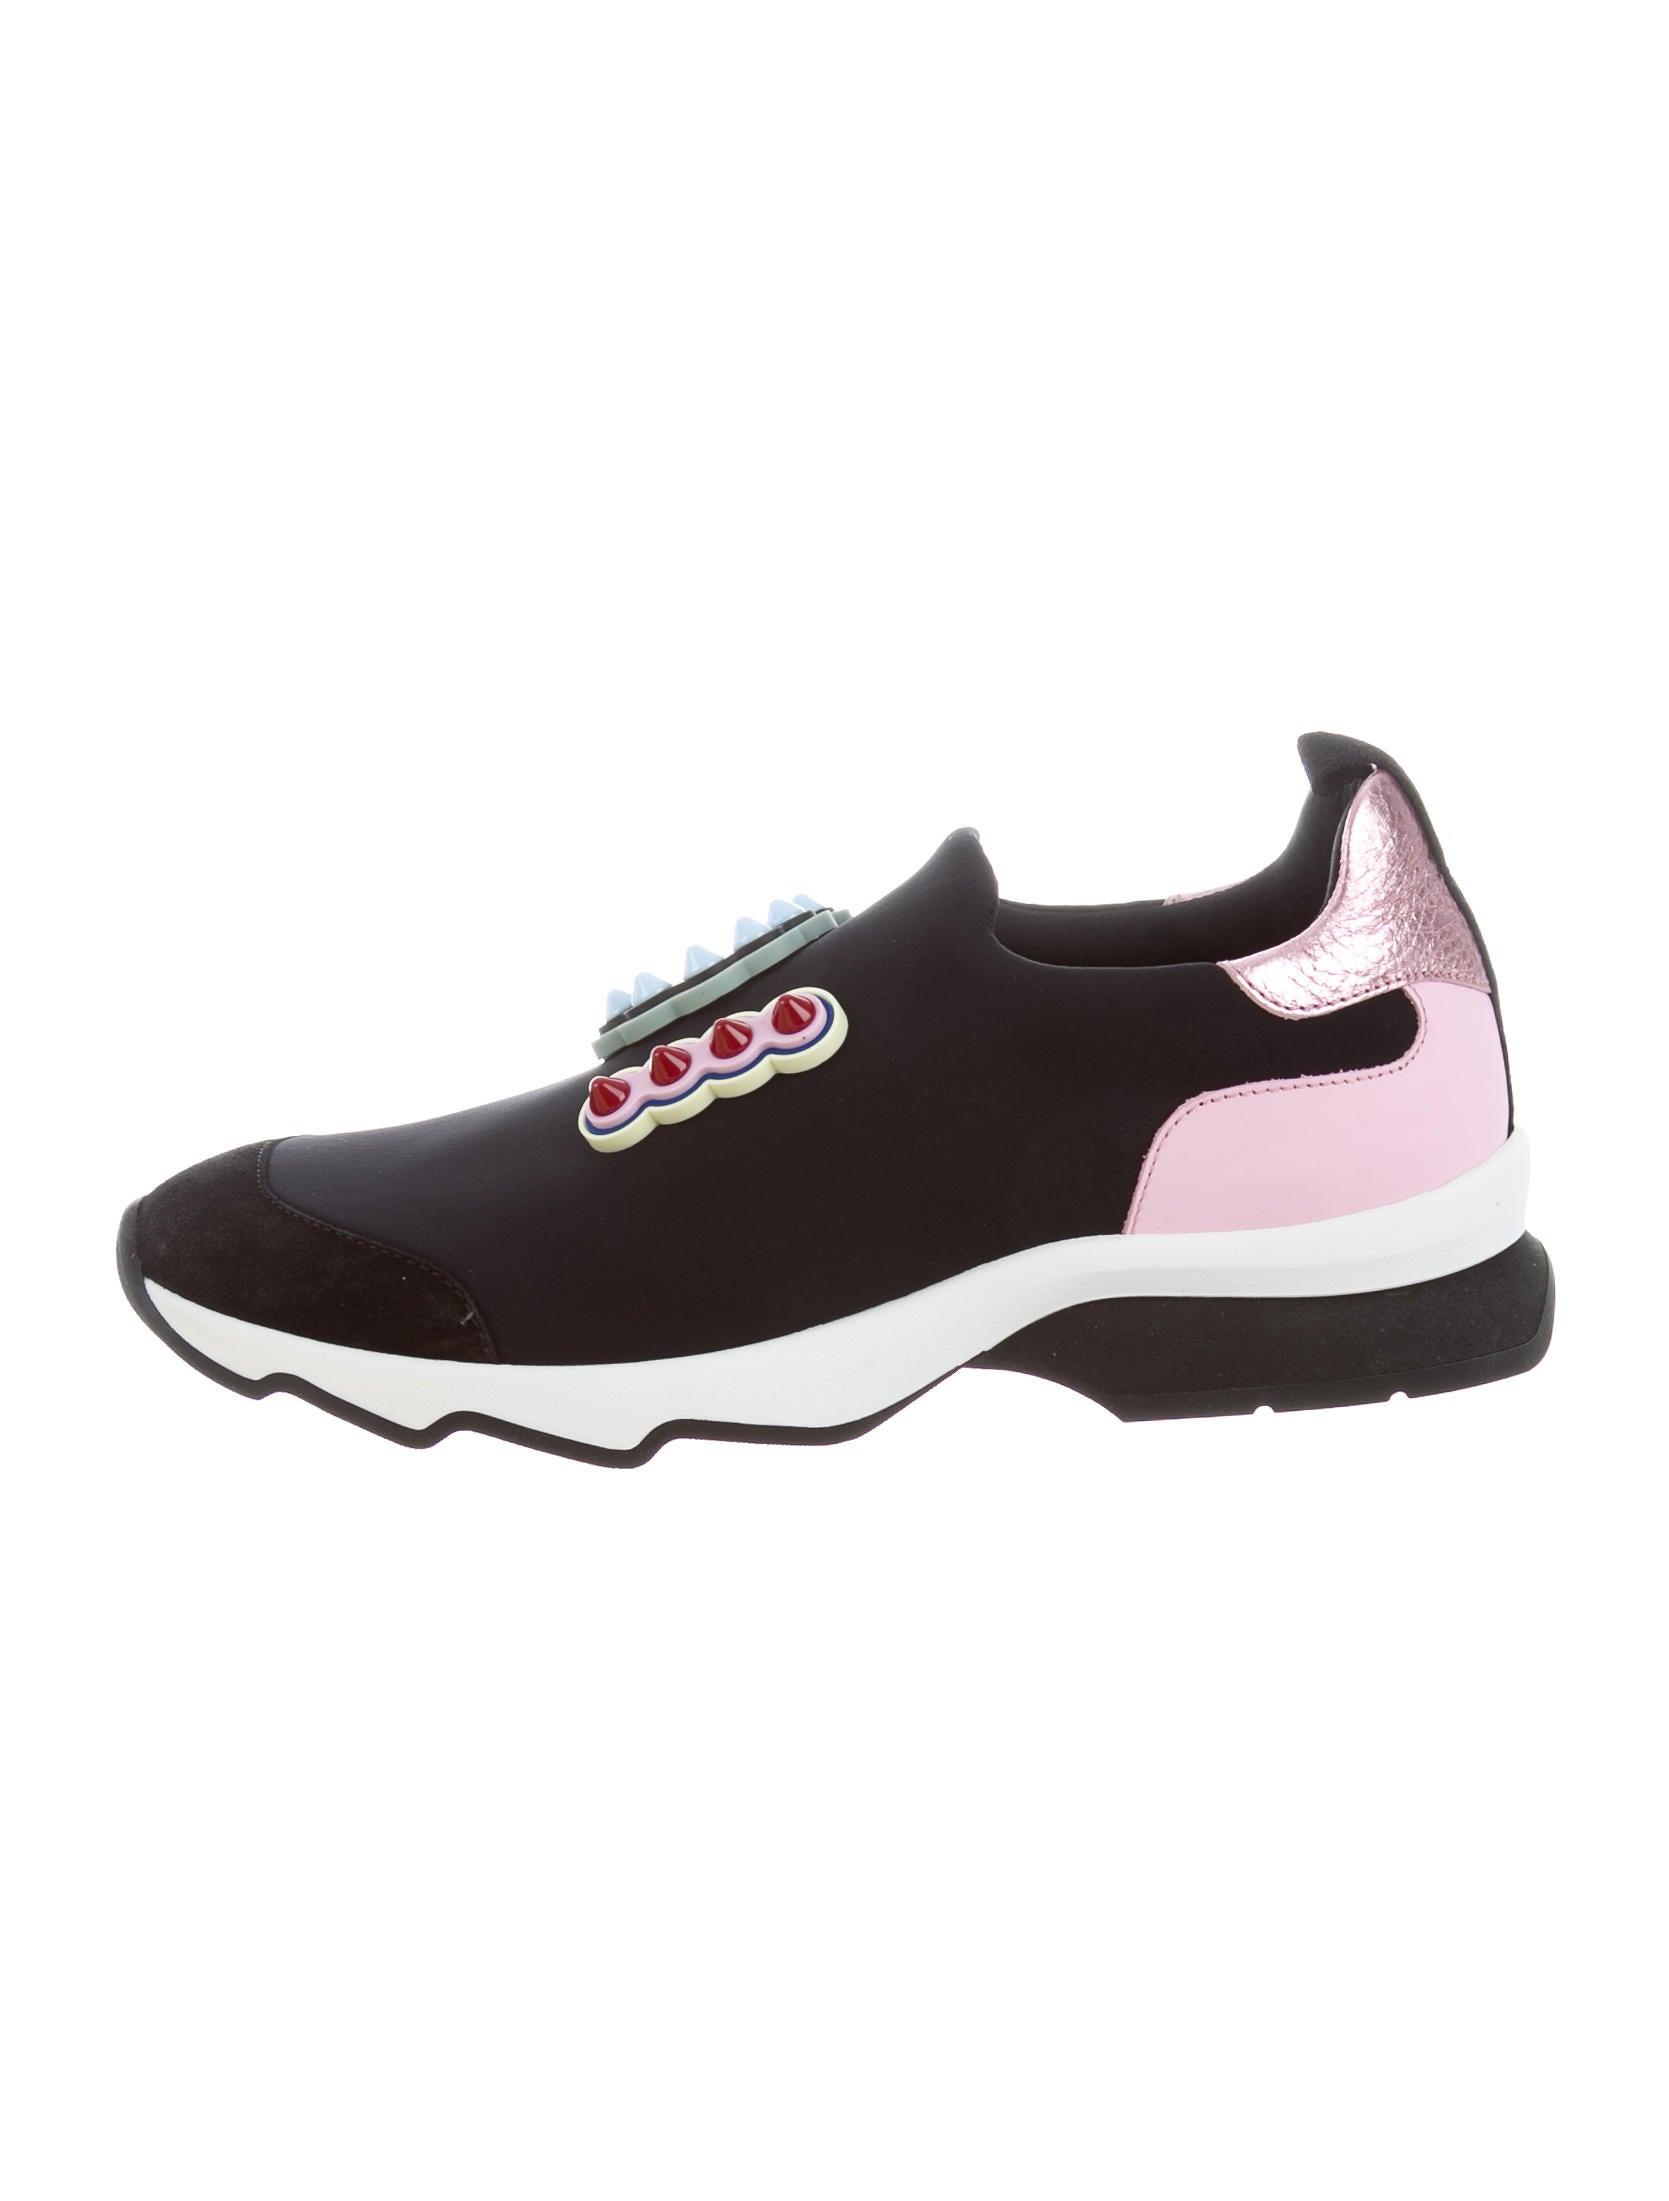 Fendi Fun Fair Slip-On Sneakers w/ Tags